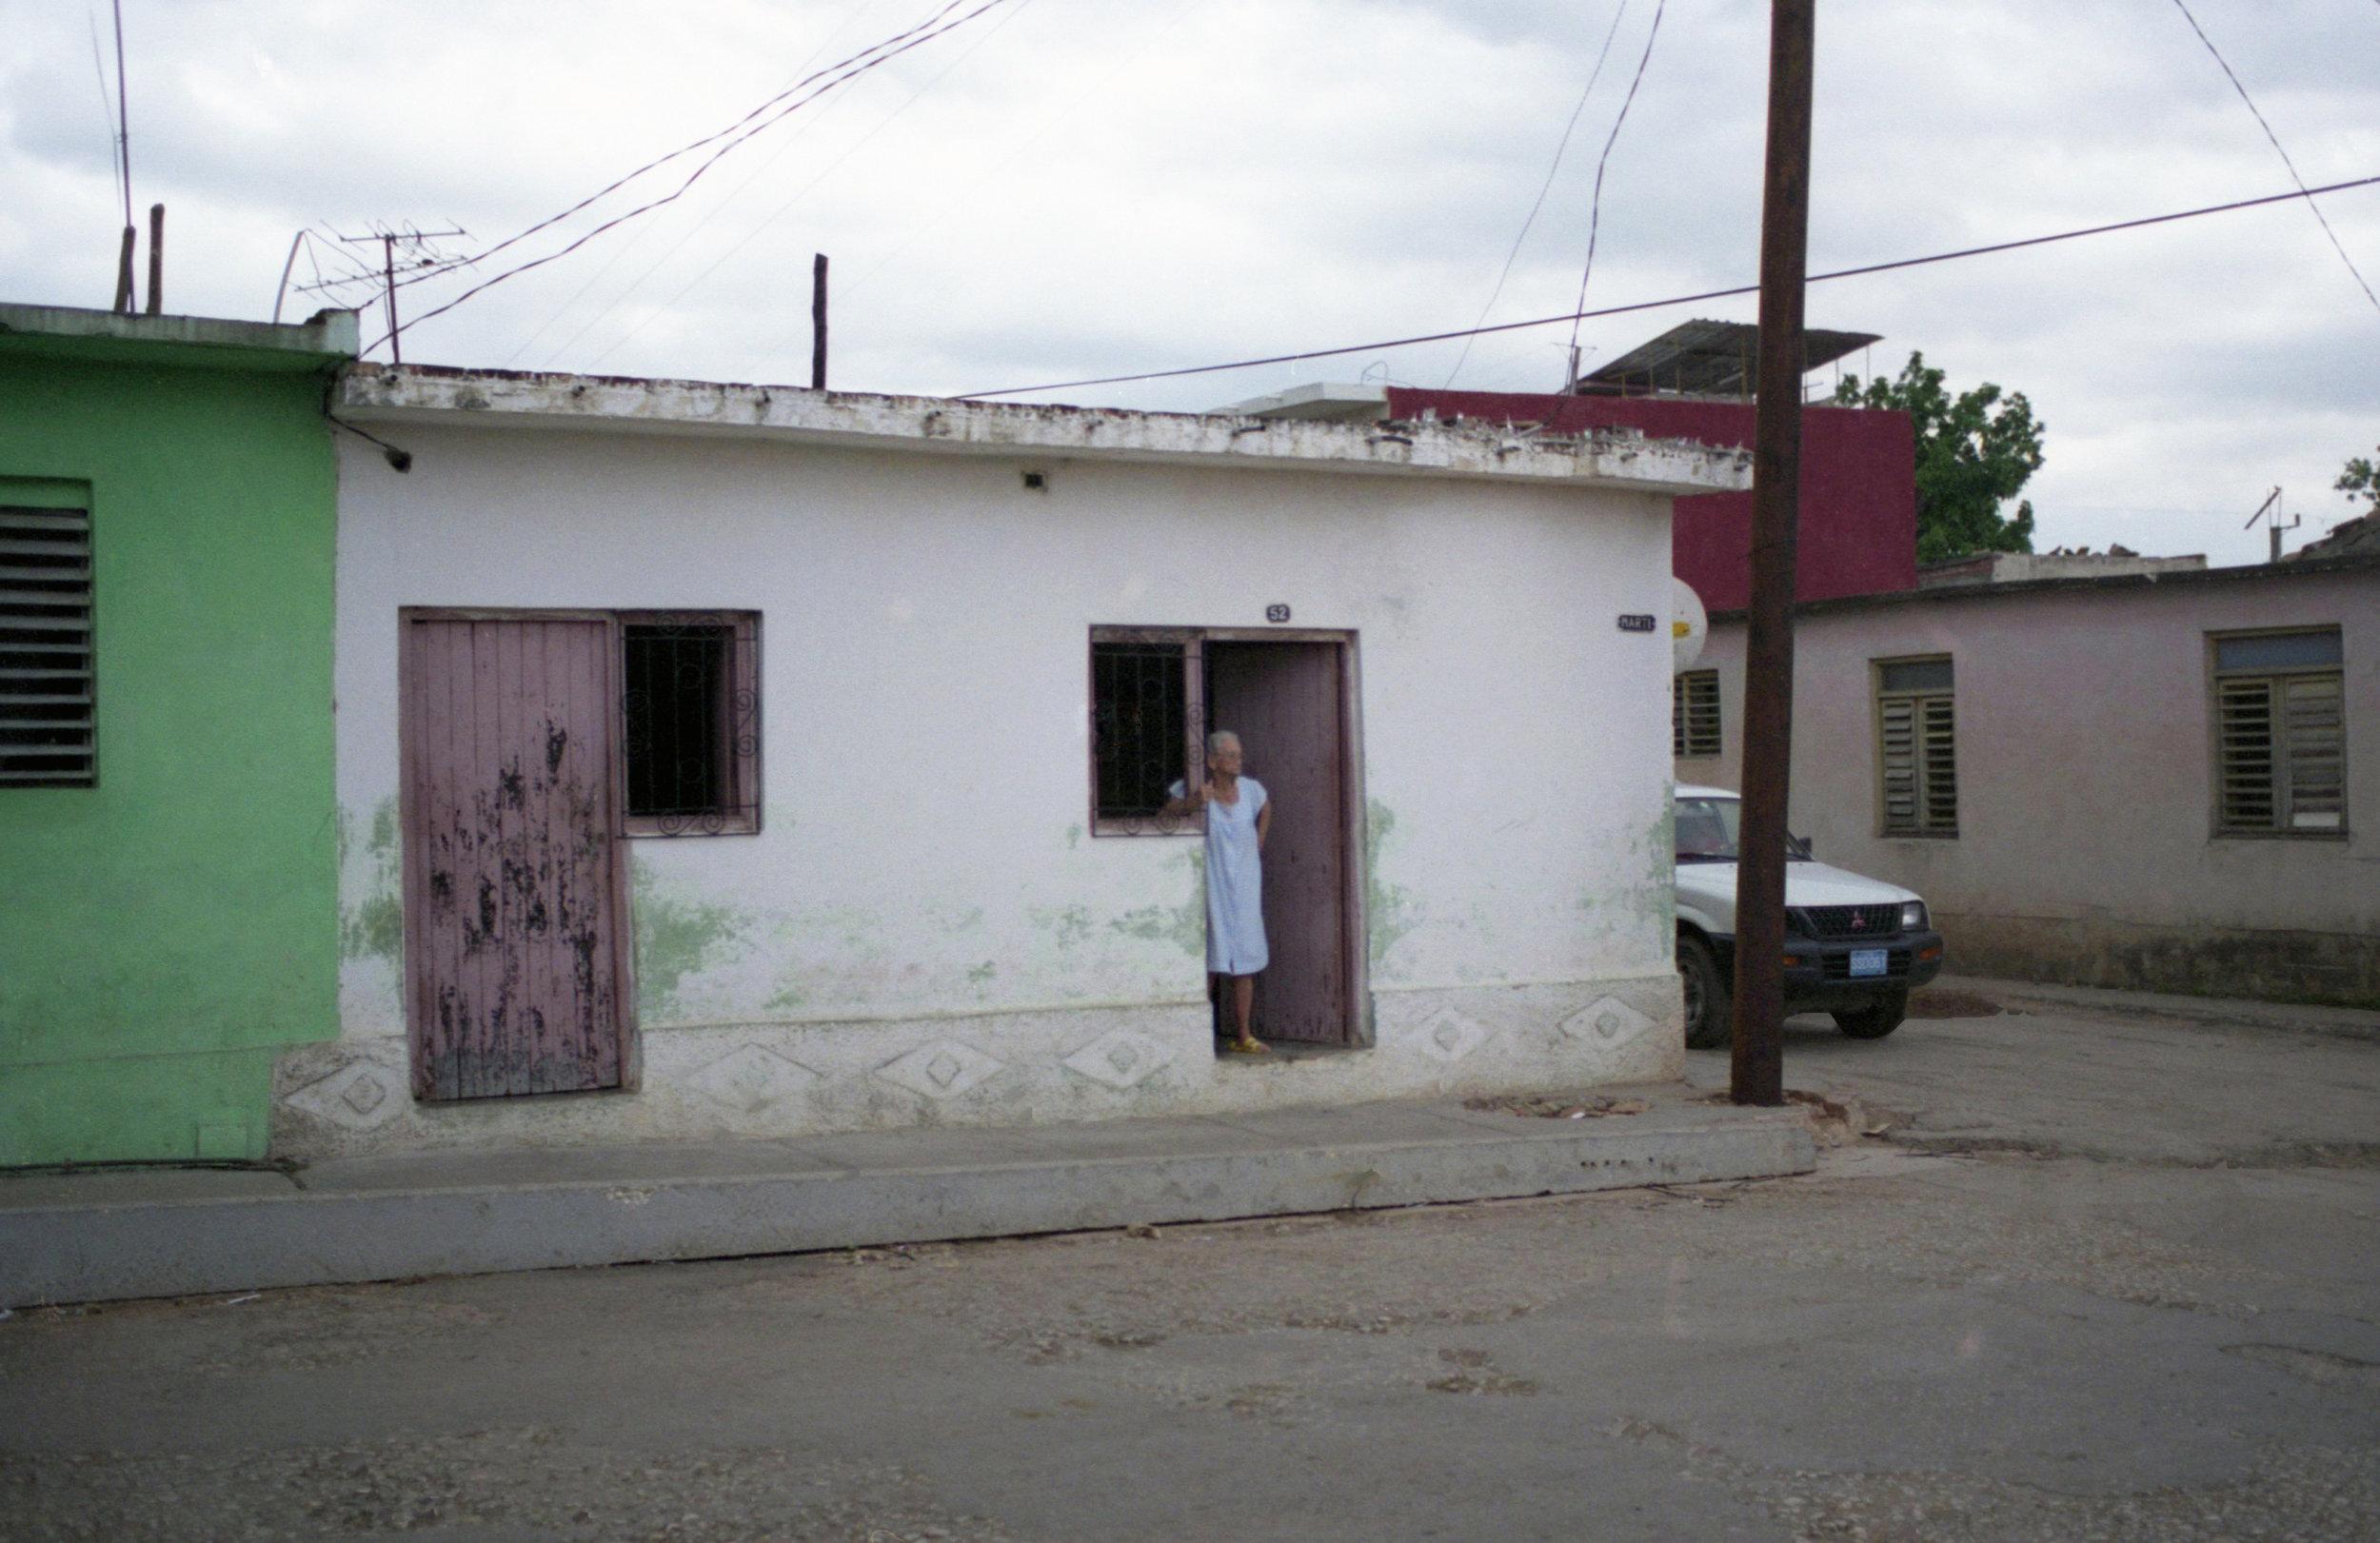 Cuba Doorways_2008_0008.jpg